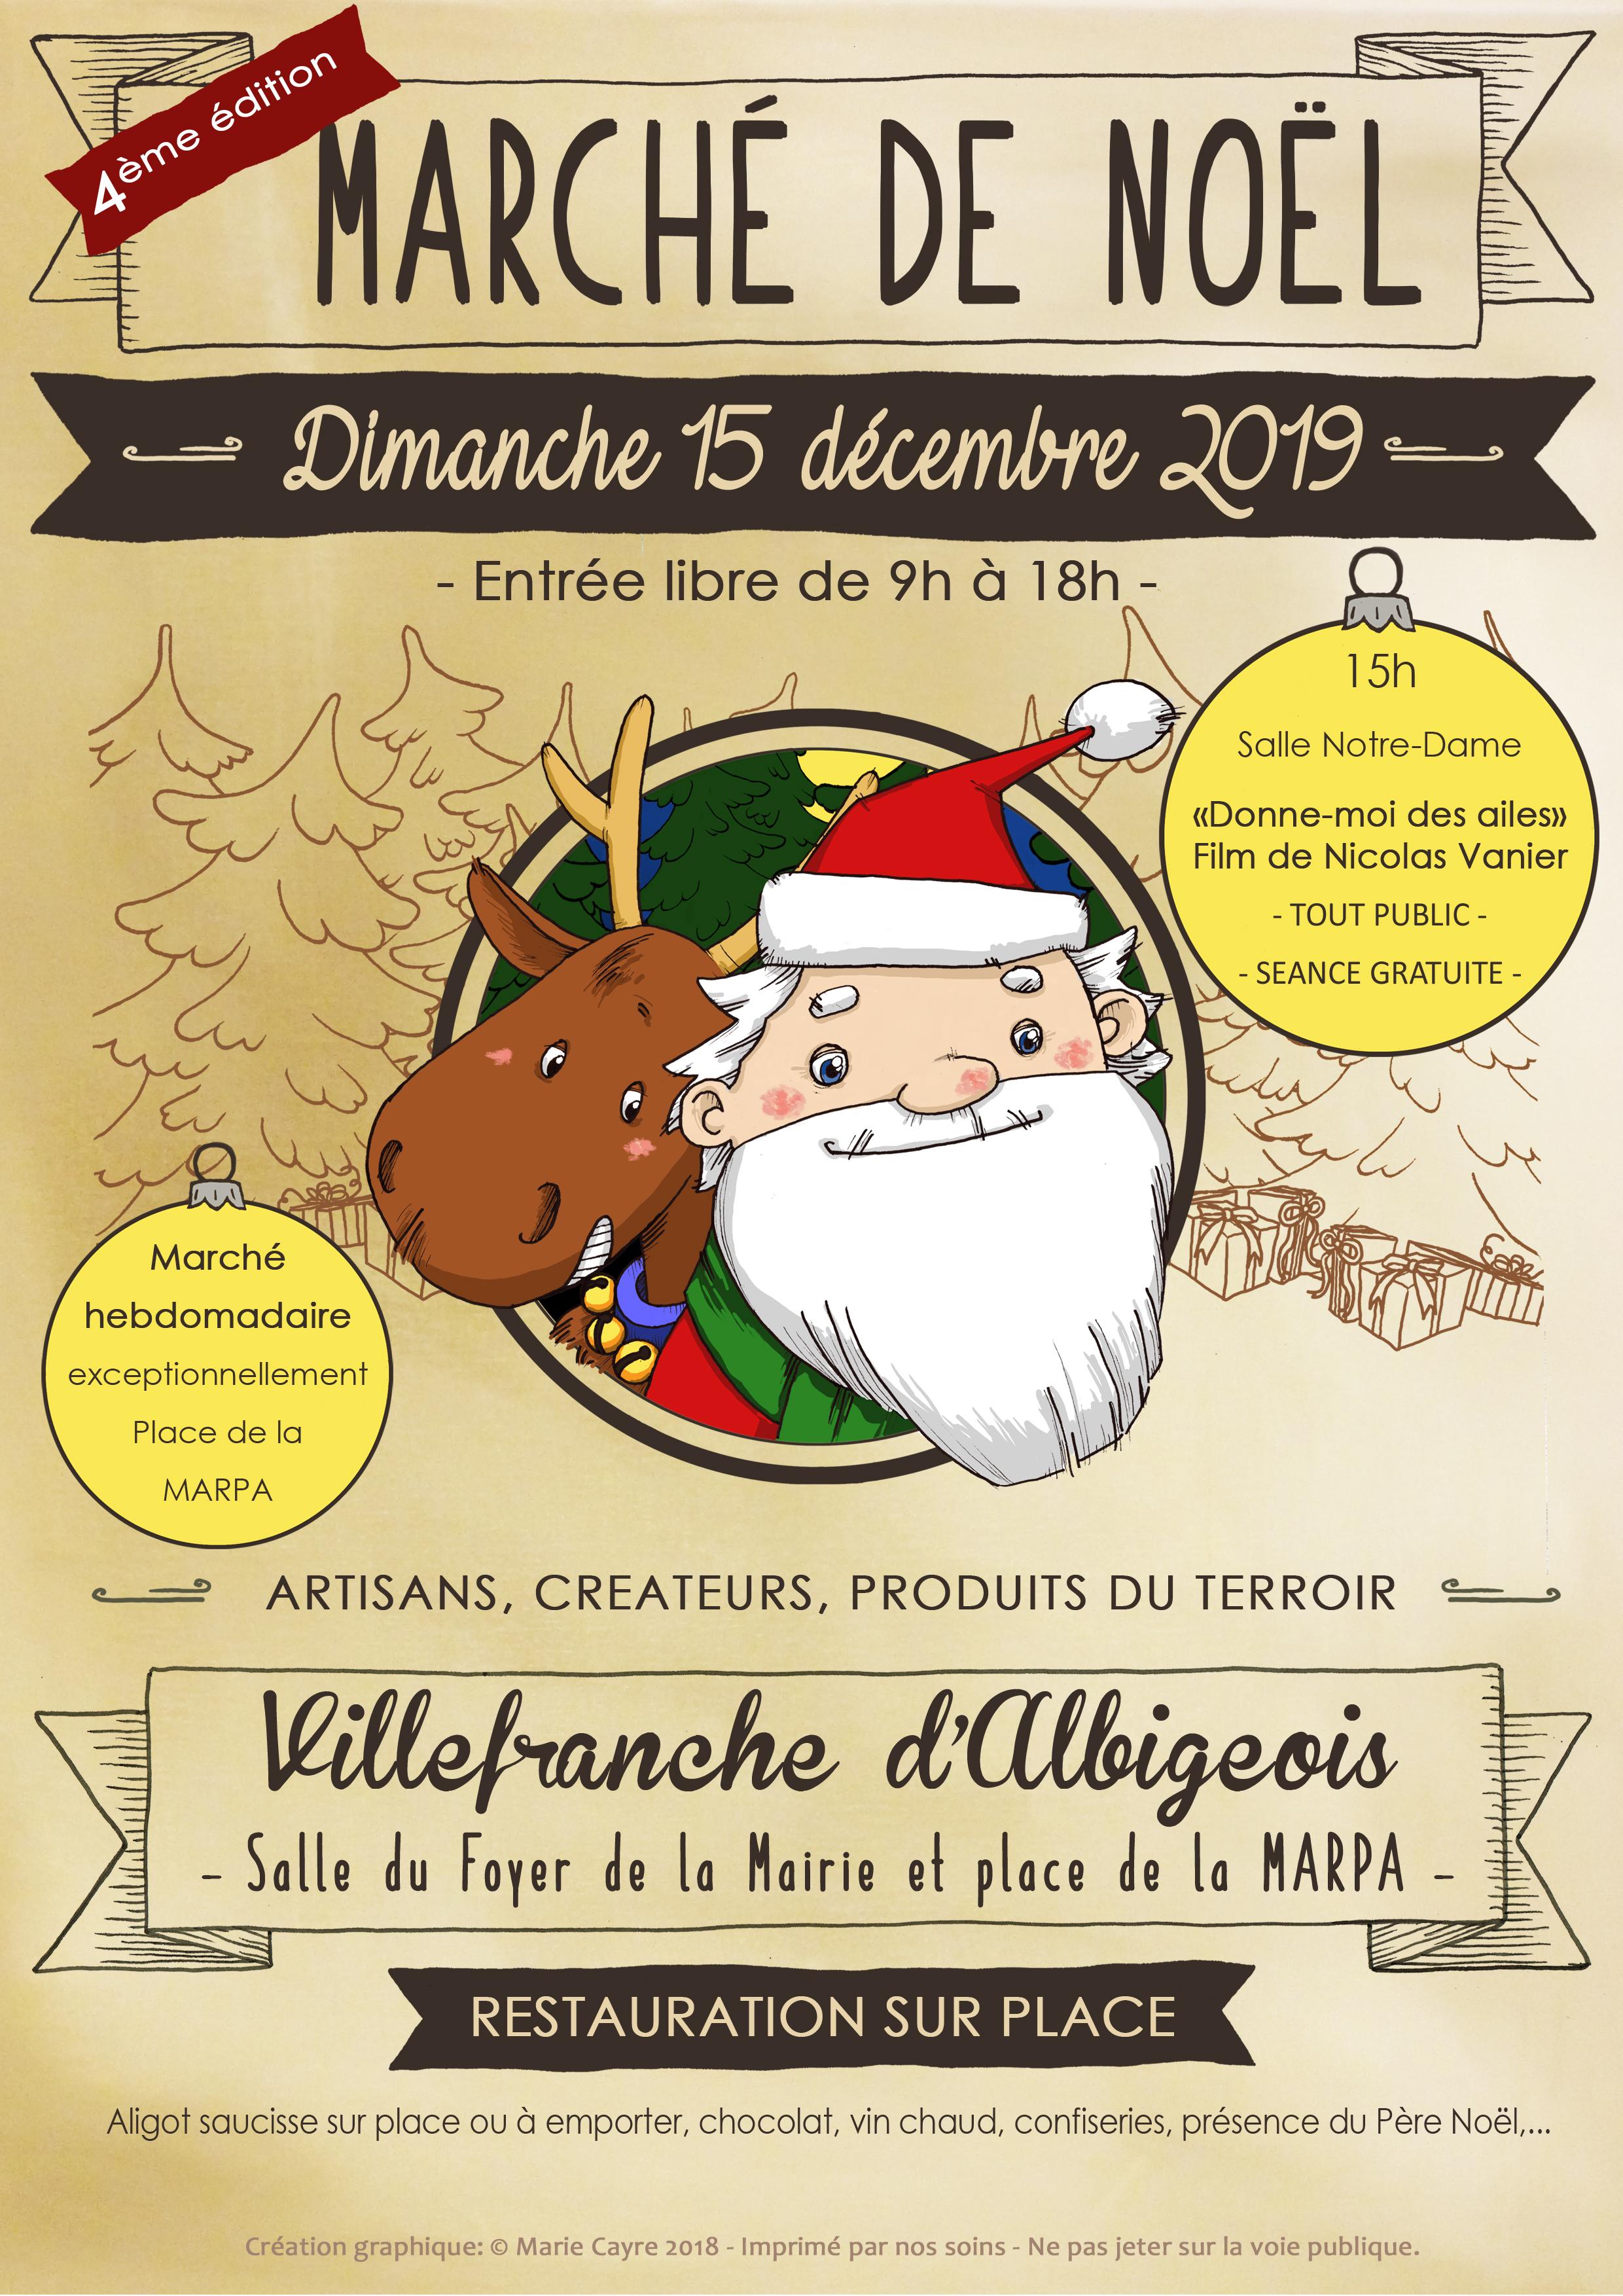 4ème édition du Marché de Noël des créateurs, artisans et producteurs